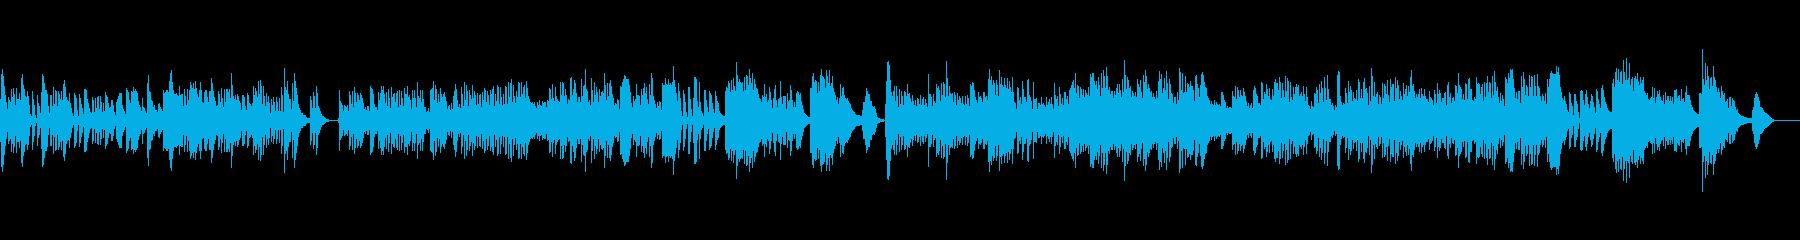 軽やかで楽し気なかわいらしいピアノ曲の再生済みの波形